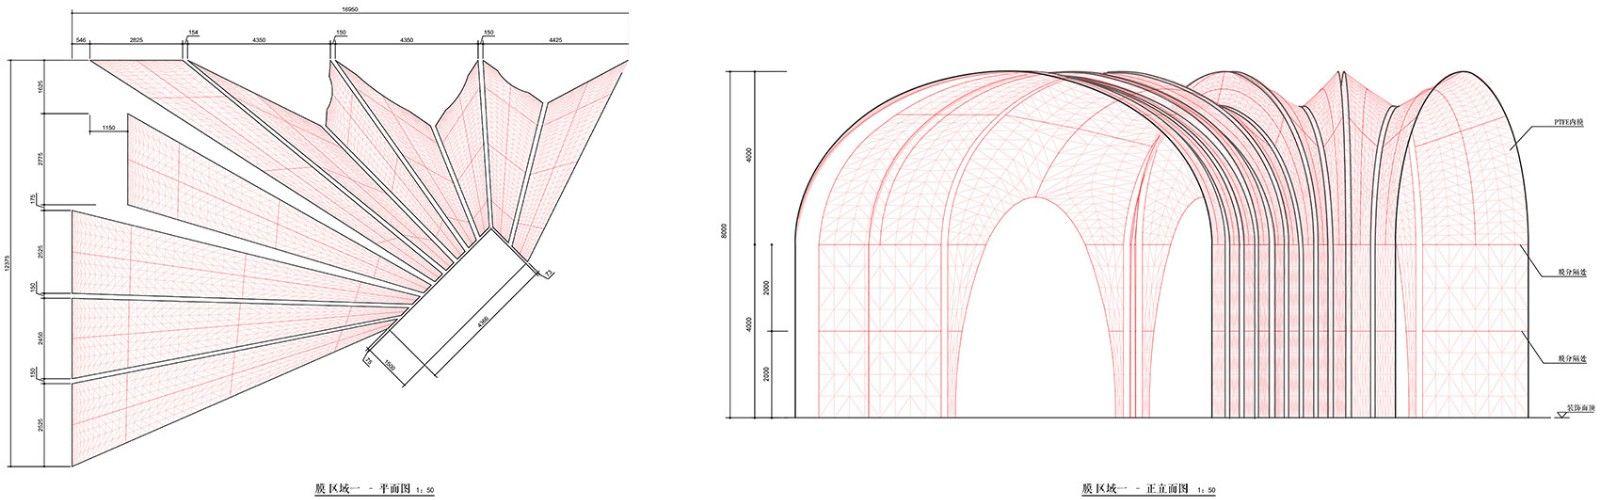 长风大悦城会员空间,上海 / 裸筑更新 裸筑更新建筑设计 - 39